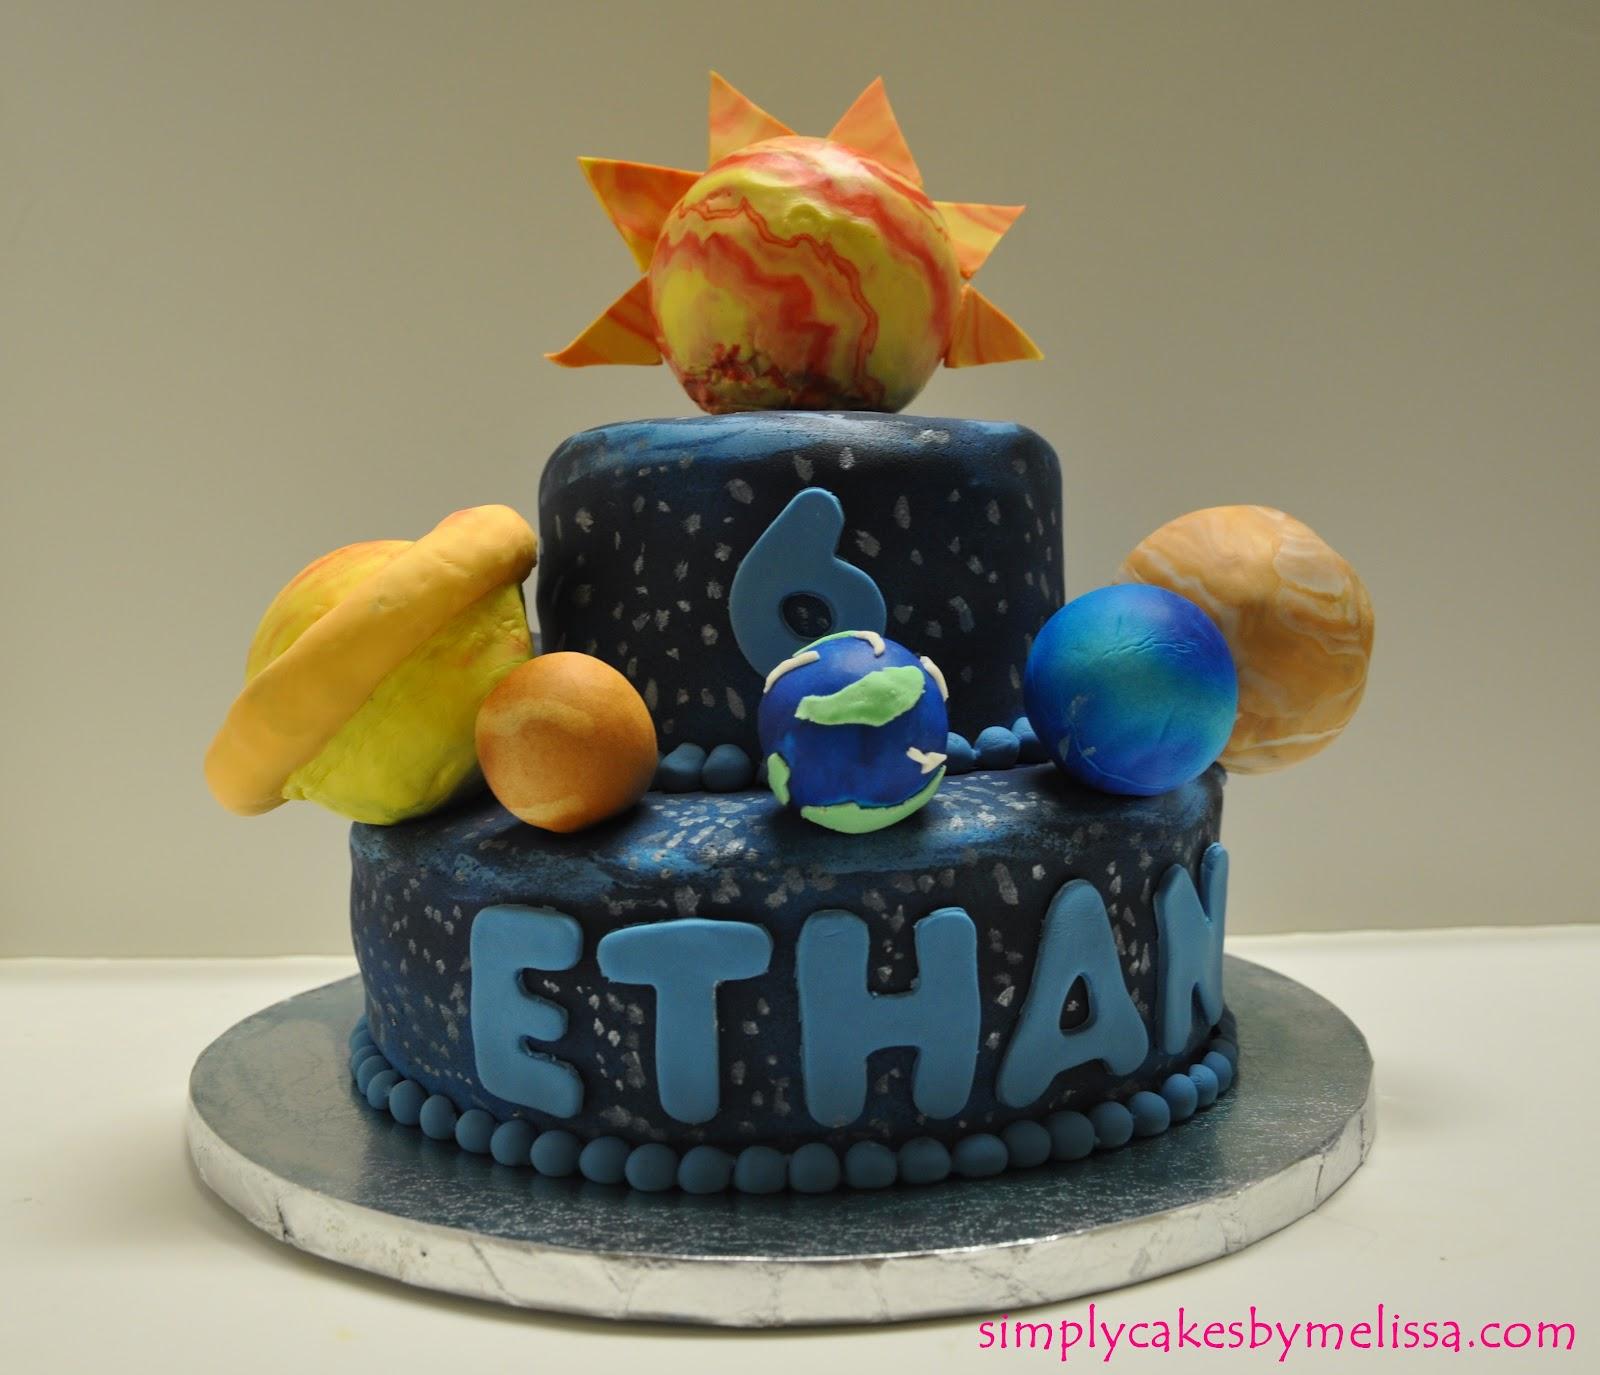 Simplycakesbymelissa solar system cake